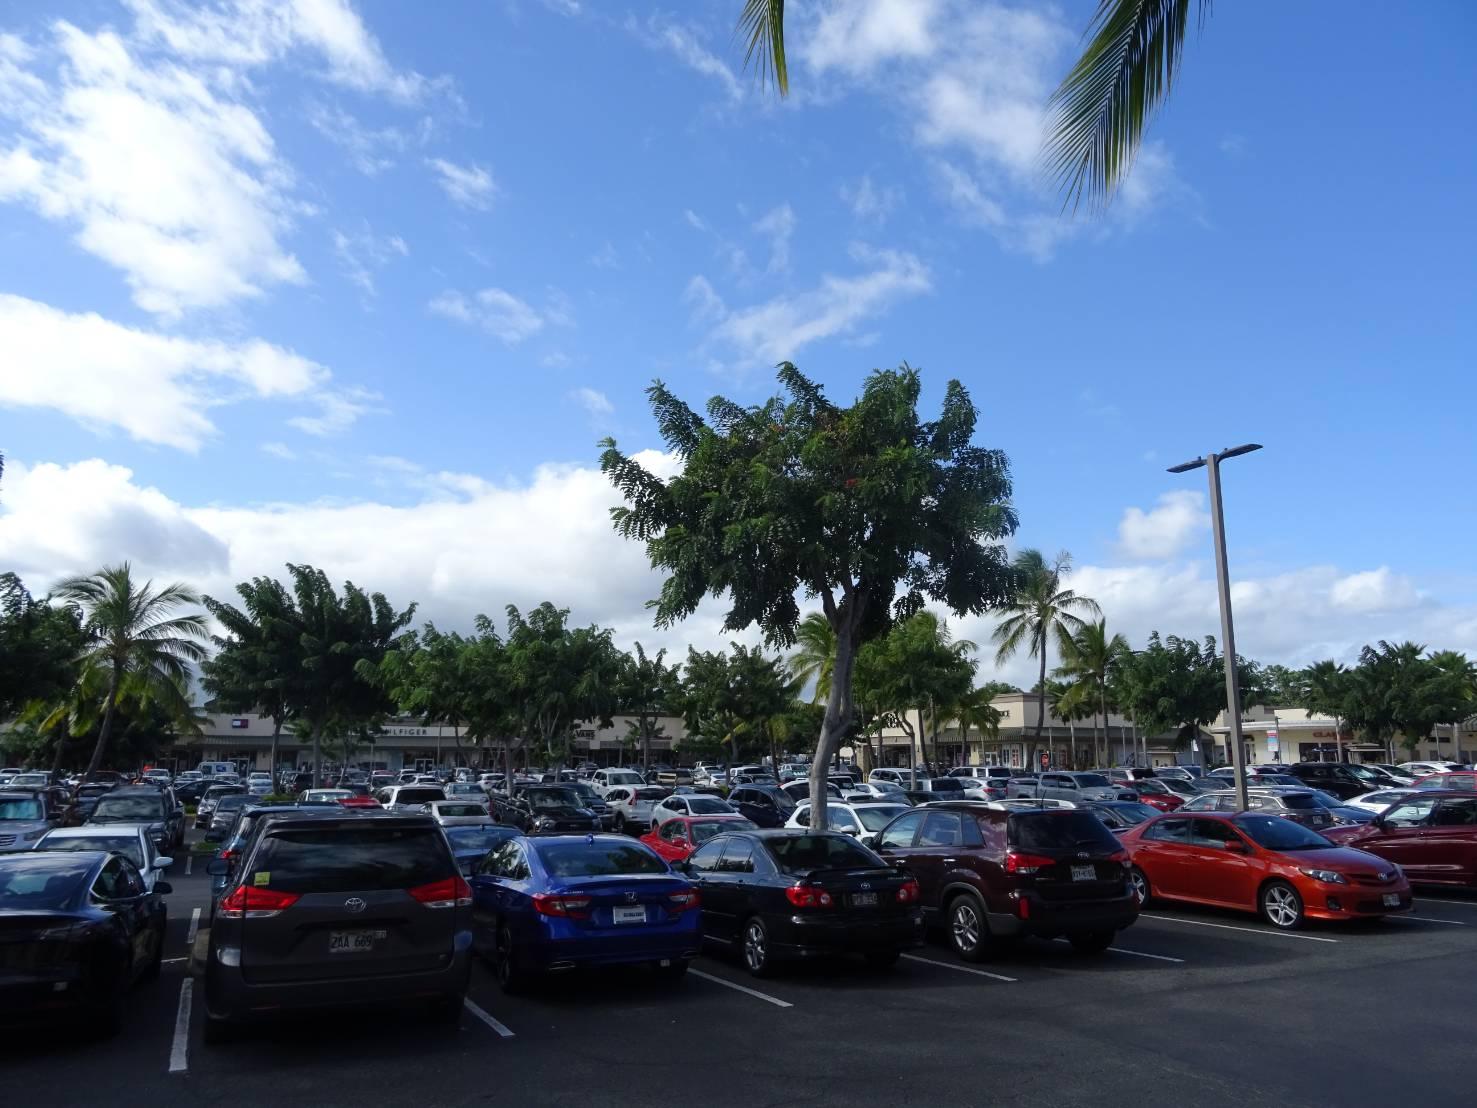 1ハワイのワイケレ・プレミアム・アウトレットの今とレスポートサックのハワイ限定商品!